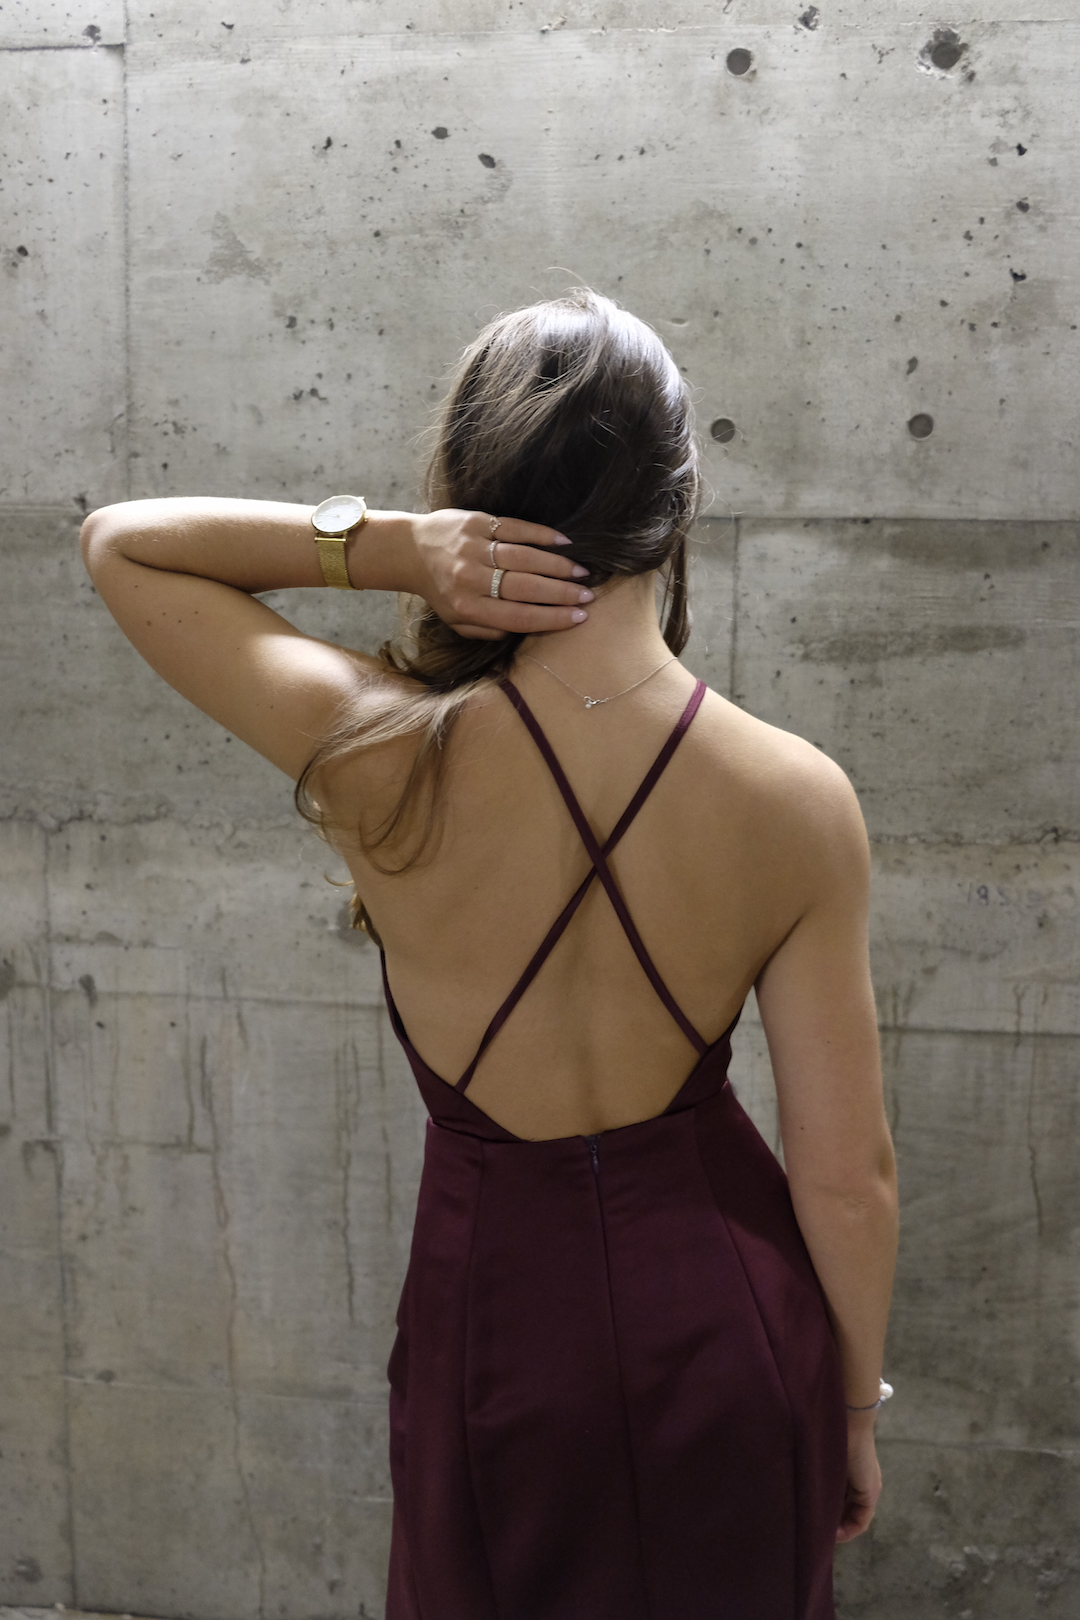 bal_robe_boutique_coup_de_foudre_querelles_04